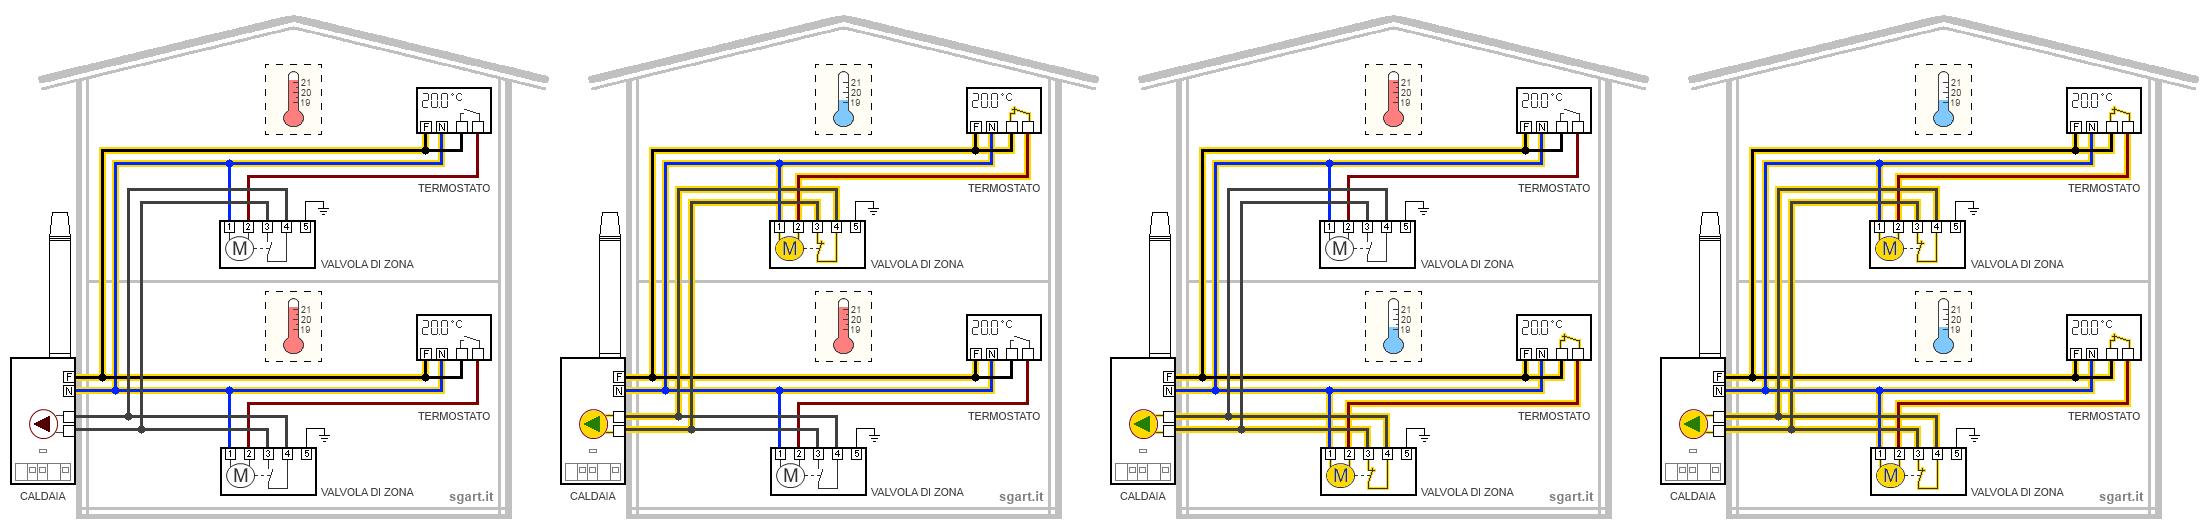 Schema Elettrico Elettrovalvola Per Riscaldamento : Collegamento caldaia e termostati con valvole di zona